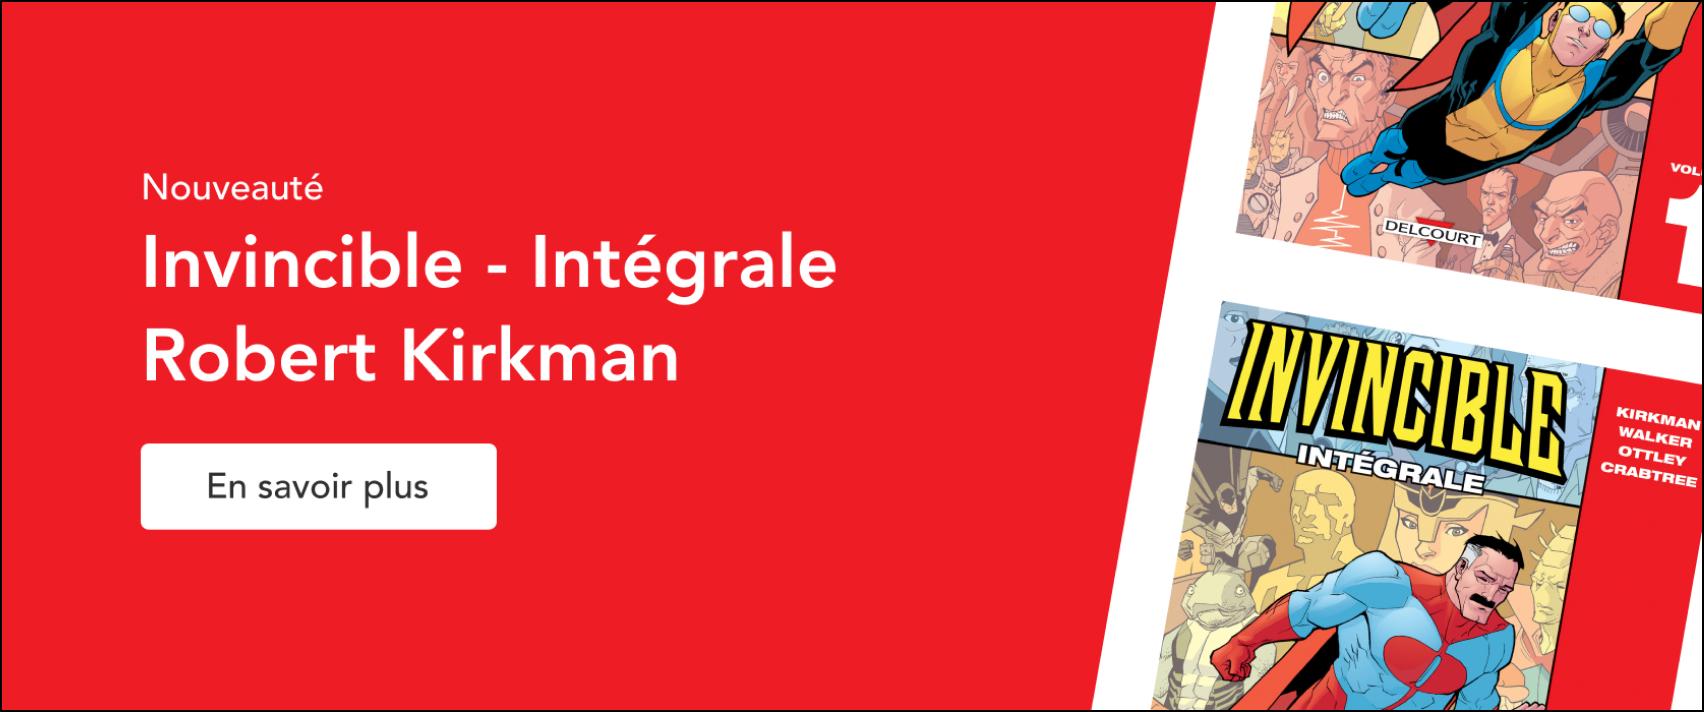 Invincible Intégrale